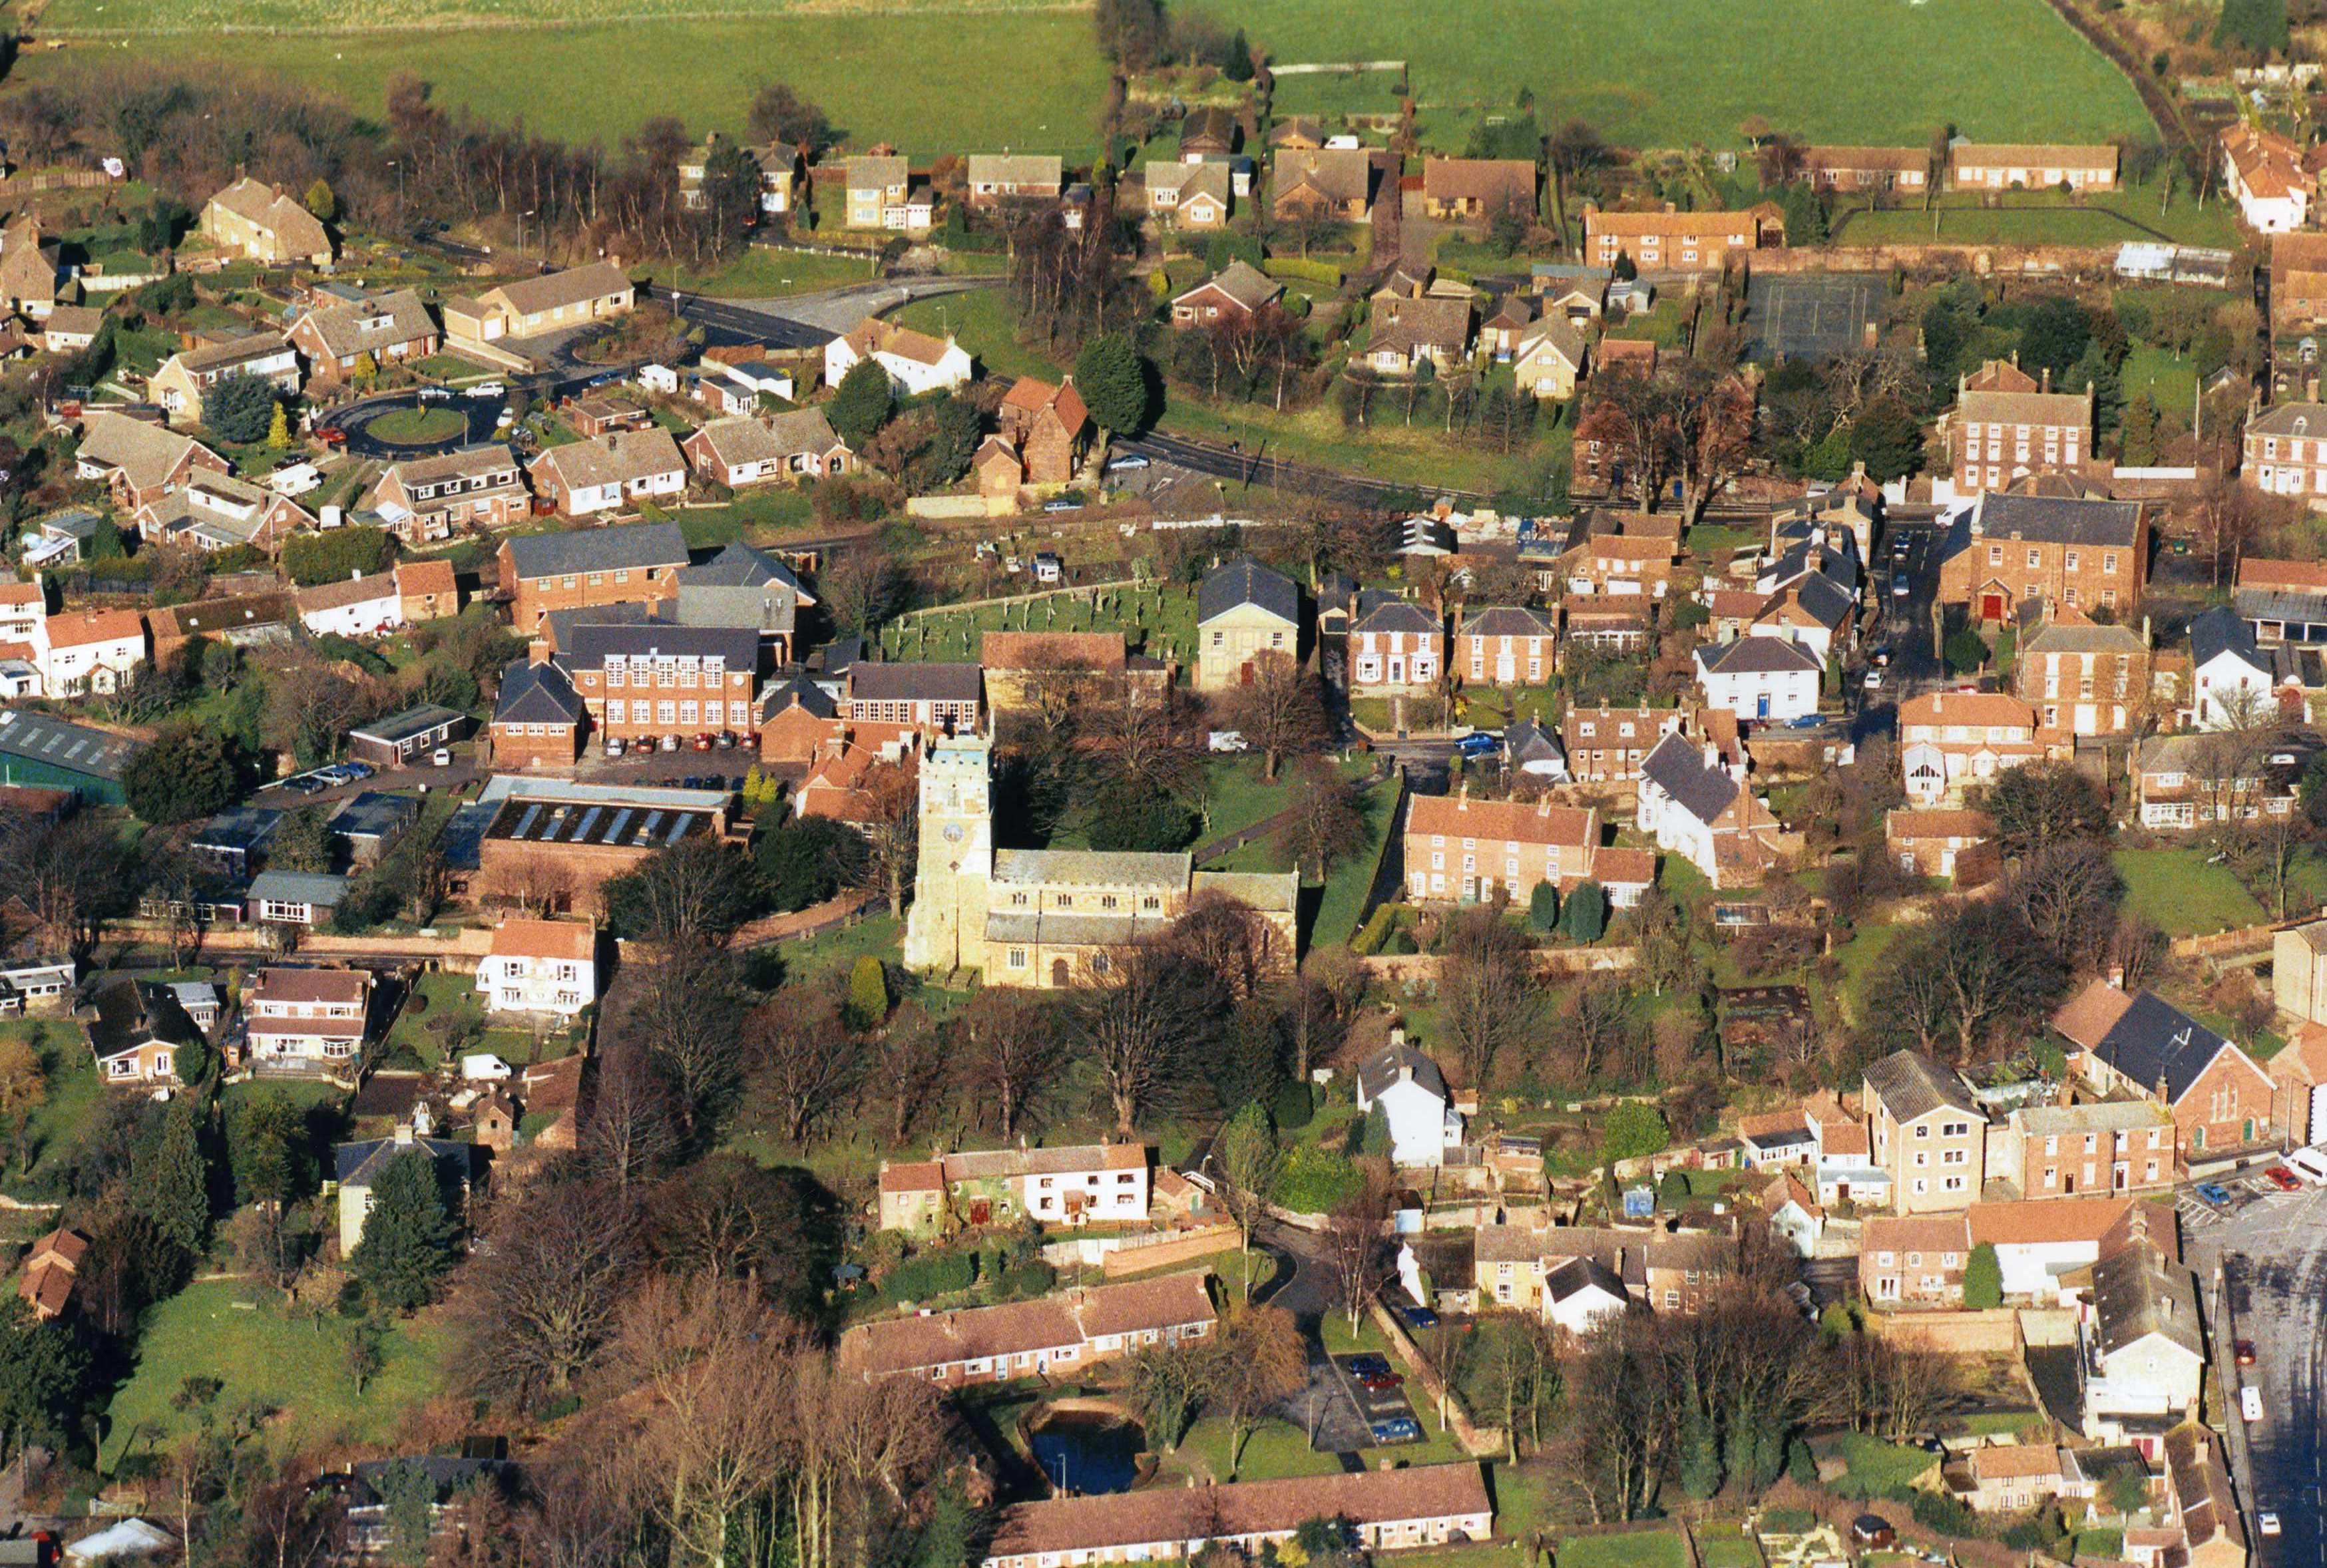 aerial view132.jpg